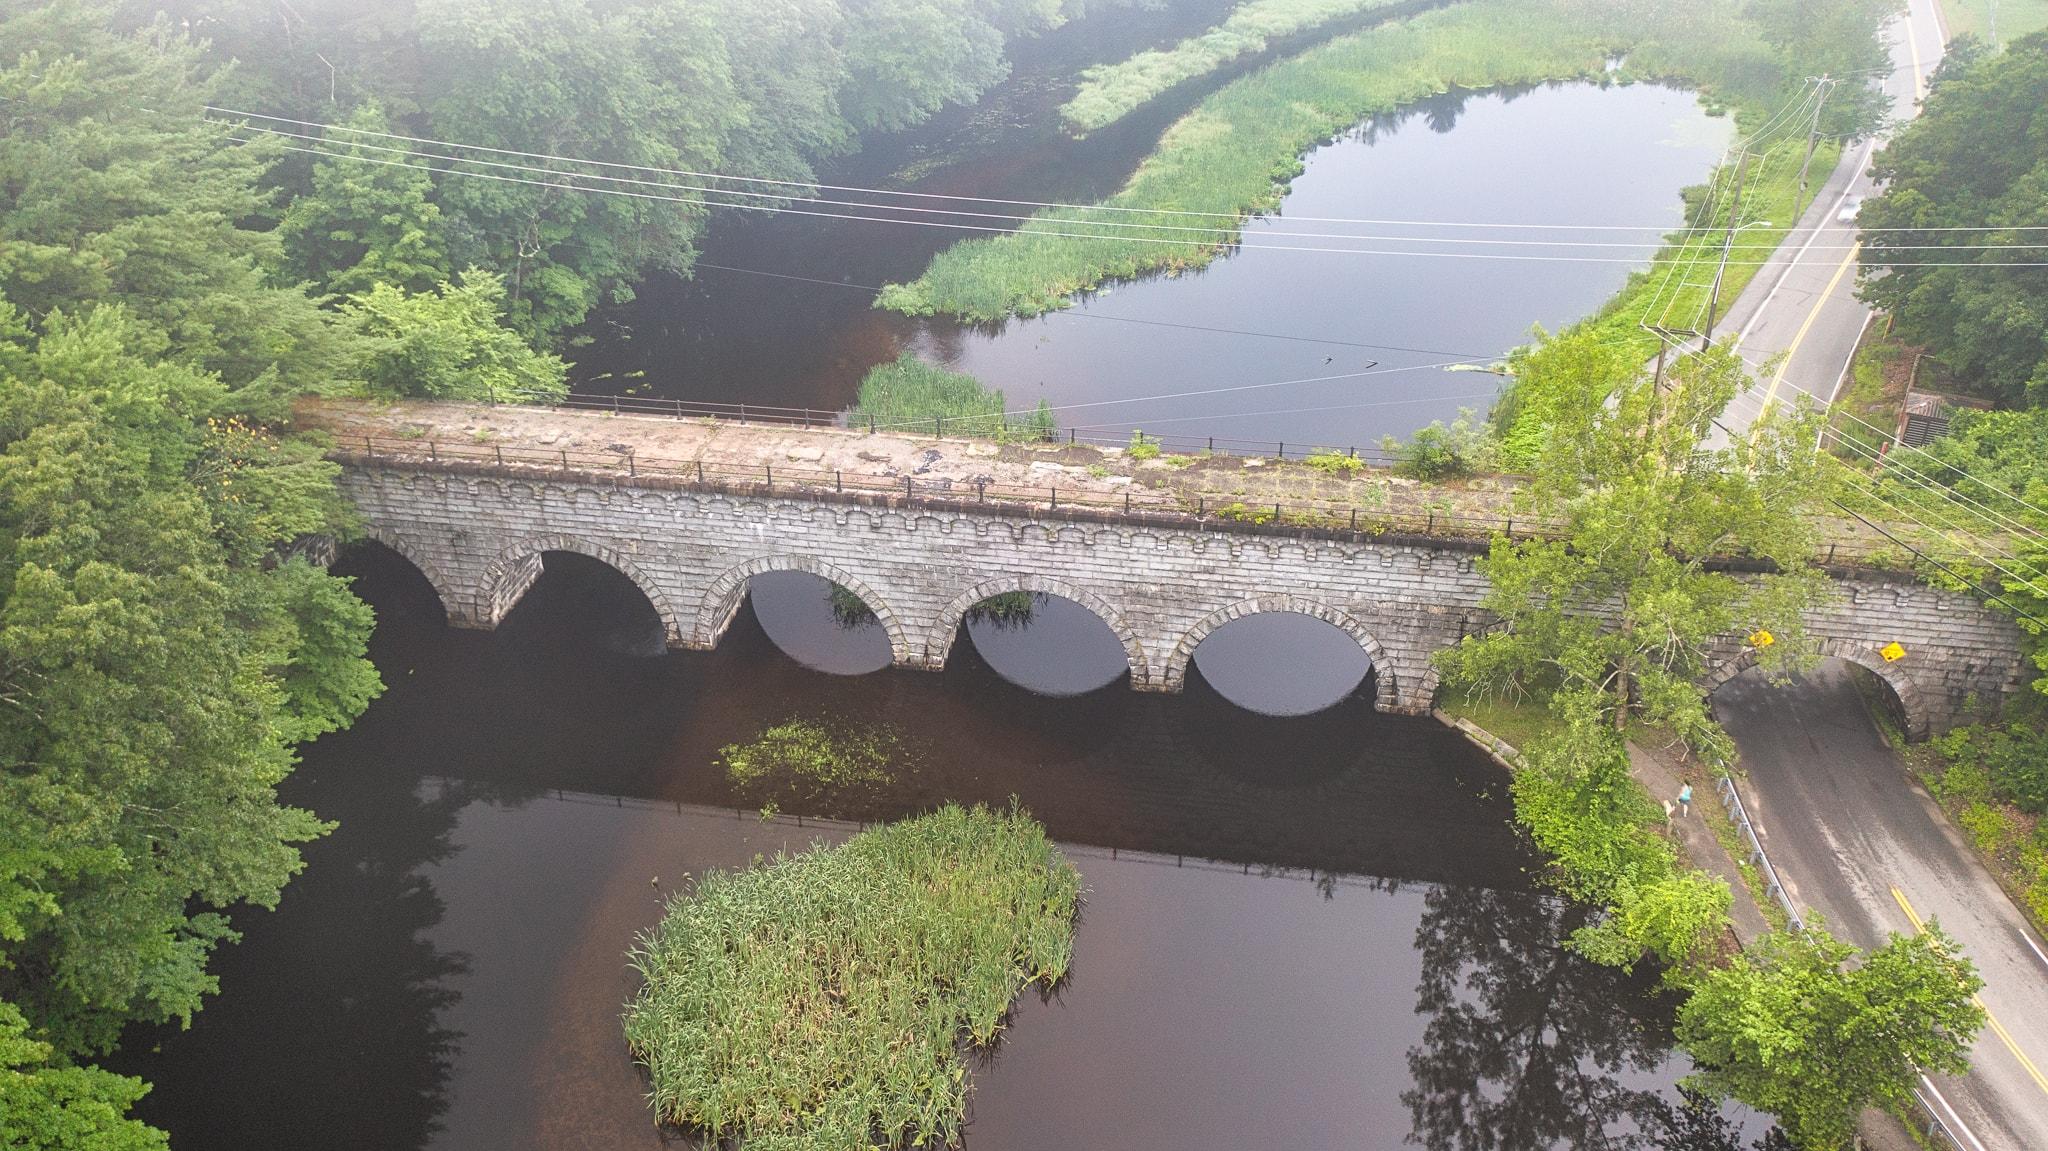 drone image of Wachusett Aqueduct bridge in Northborough